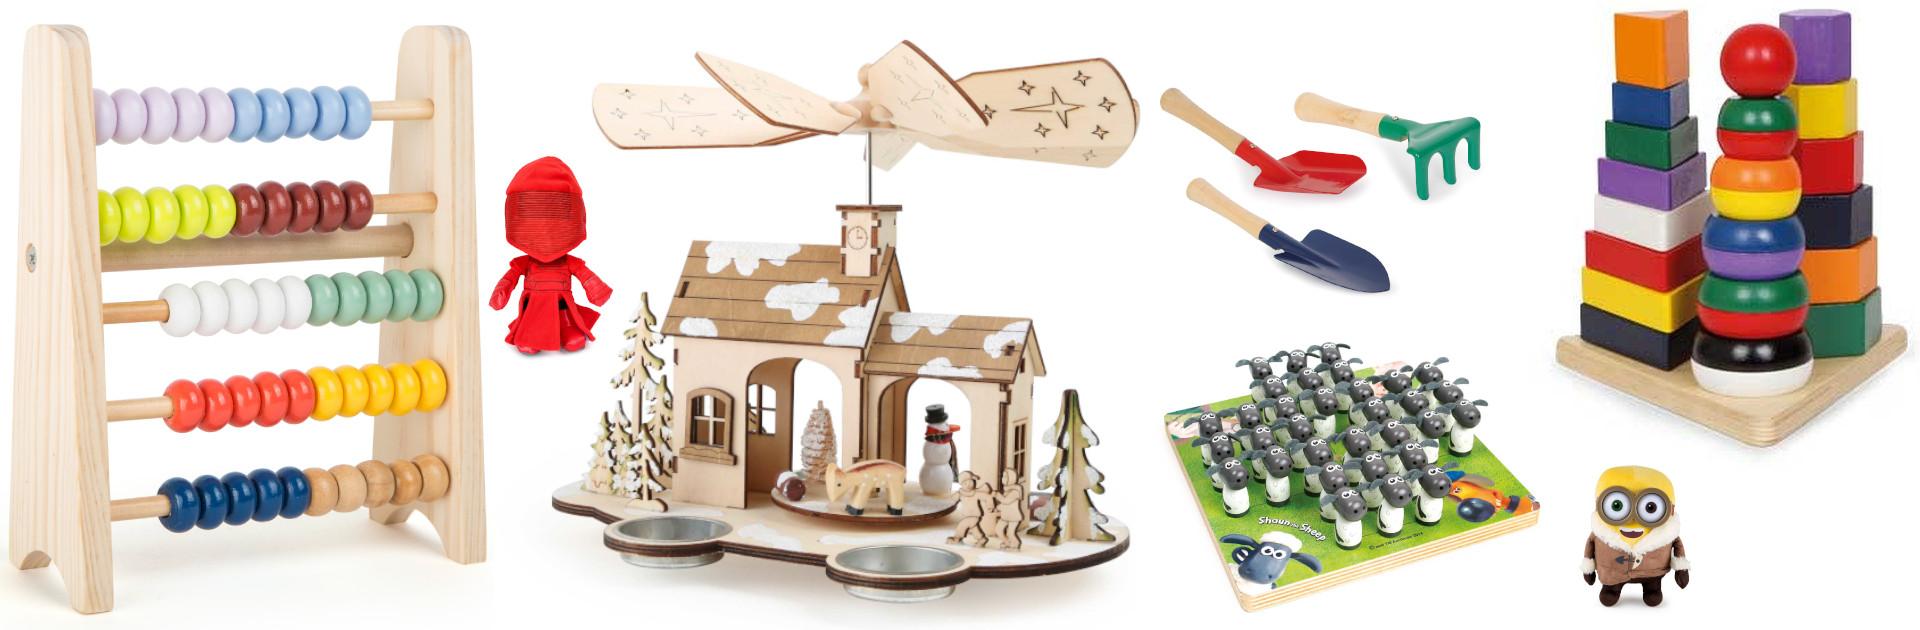 Holzspielzeug und Spielwaren